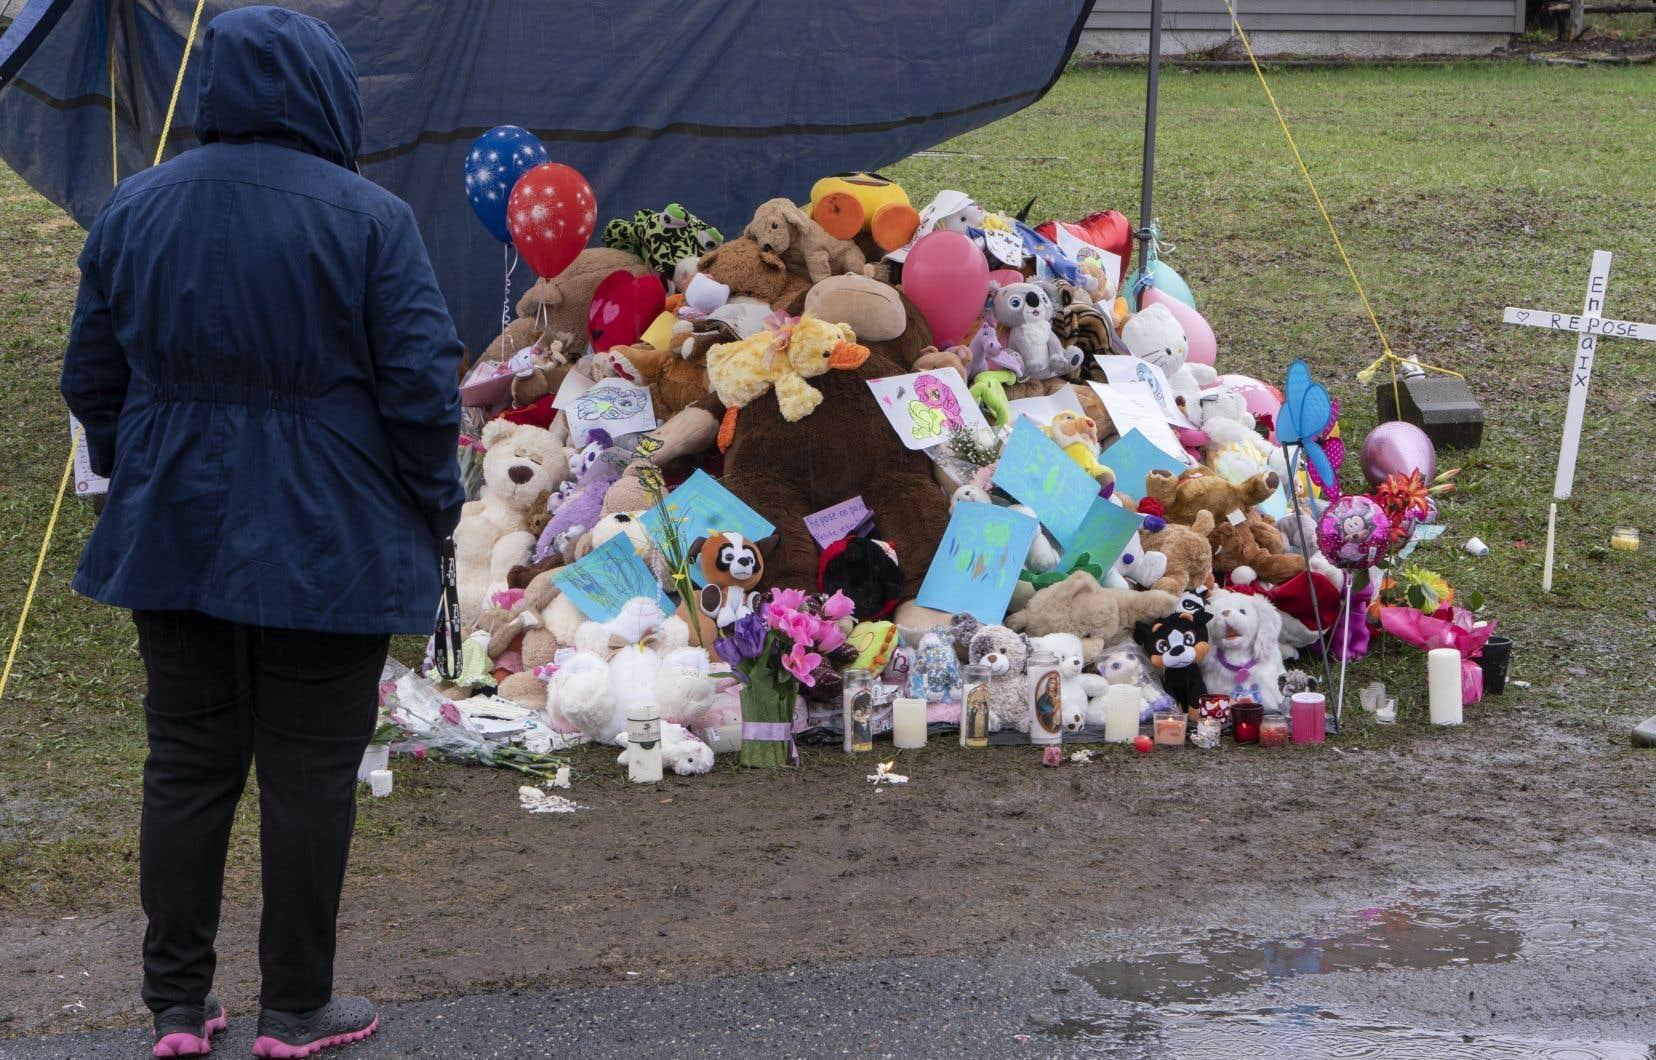 Le décès de la petite fille avait causé une onde de choc à travers le Québec au printemps dernier.